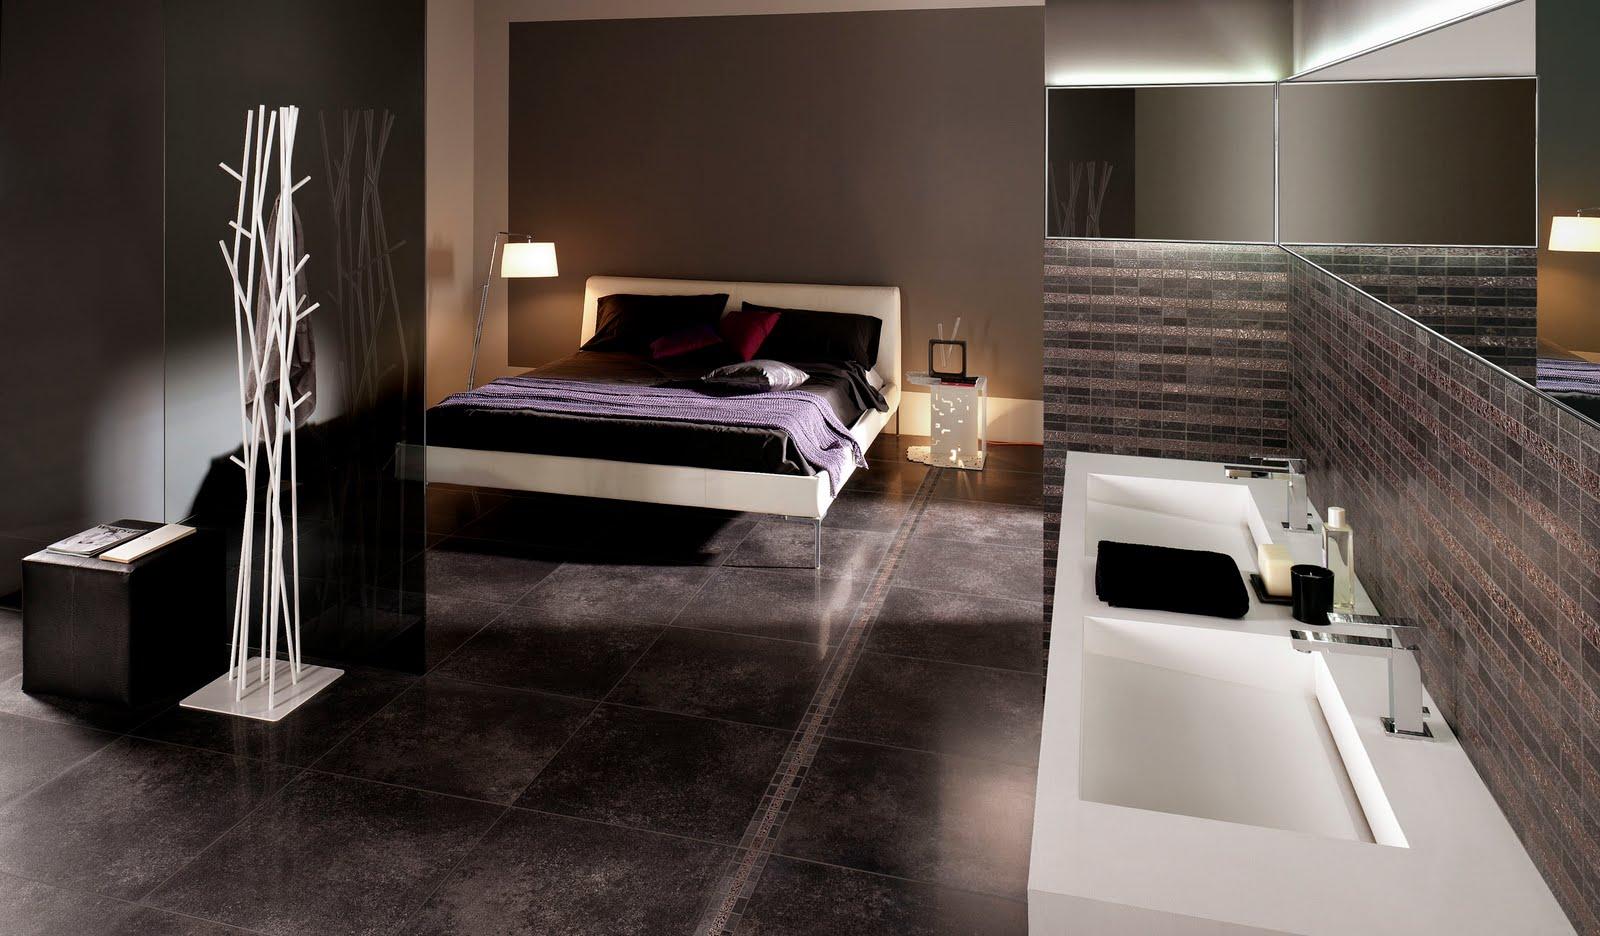 good usine de carrelage en italie carro er choix direct usine italie with carrelage direct usine. Black Bedroom Furniture Sets. Home Design Ideas